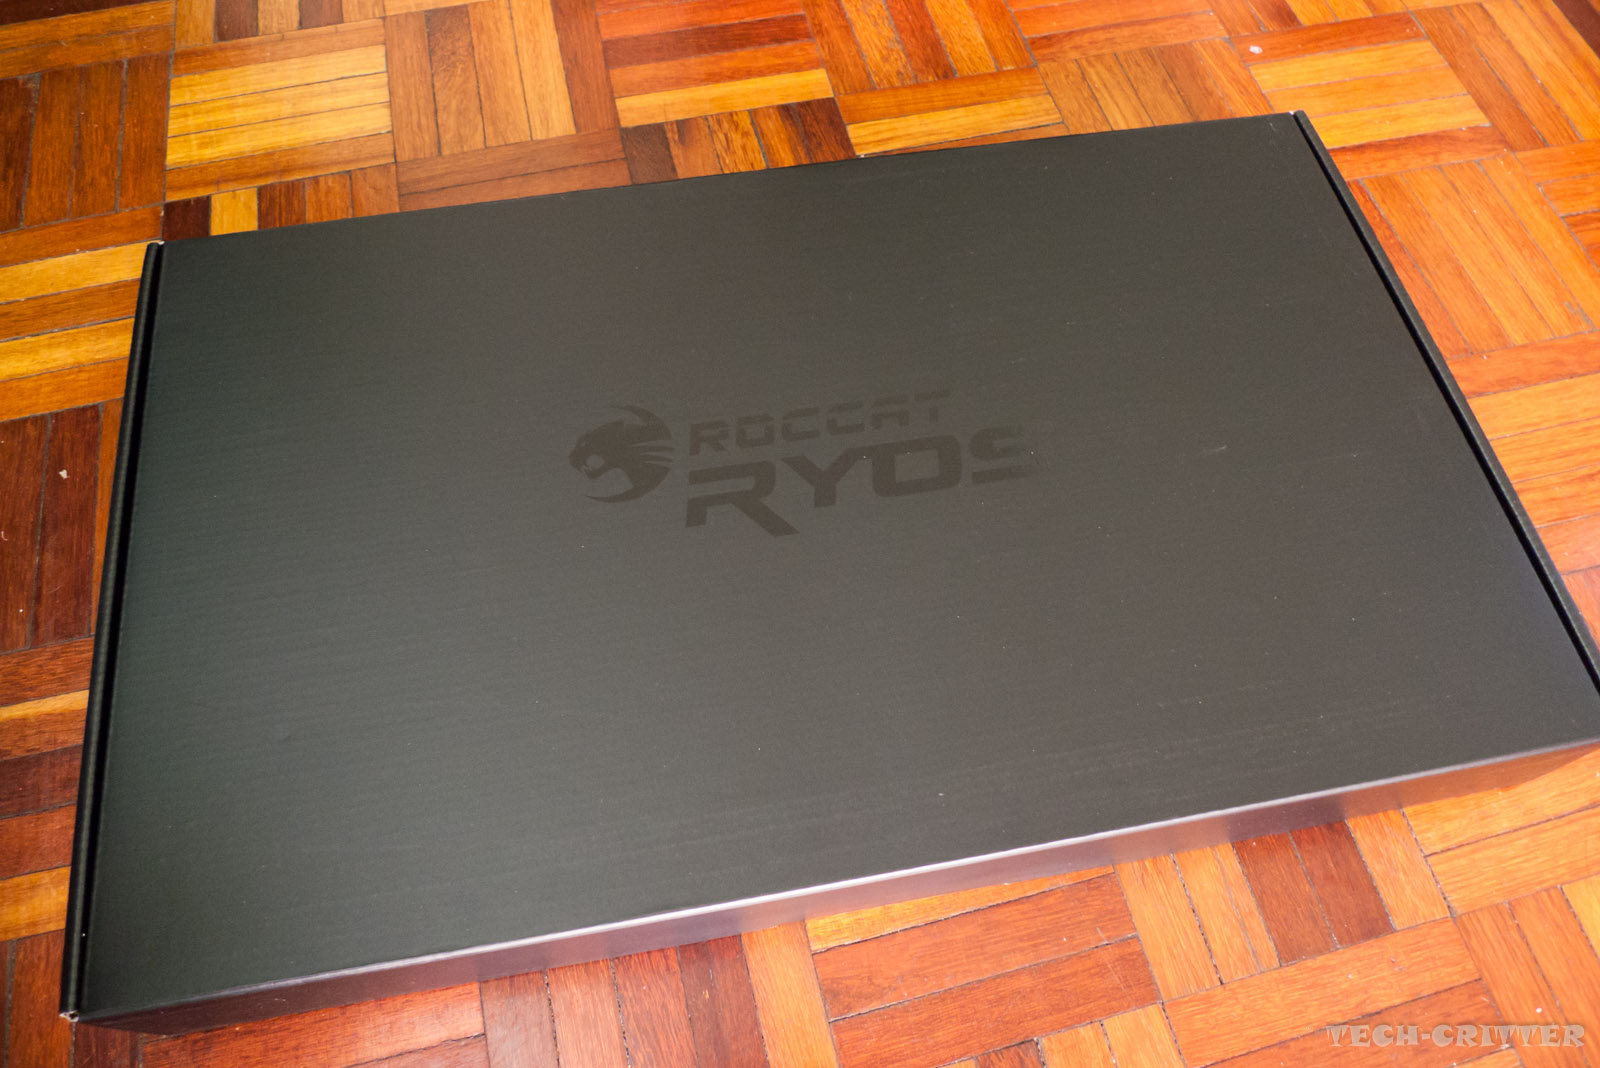 ROCCAT Ryos MK Pro - 03